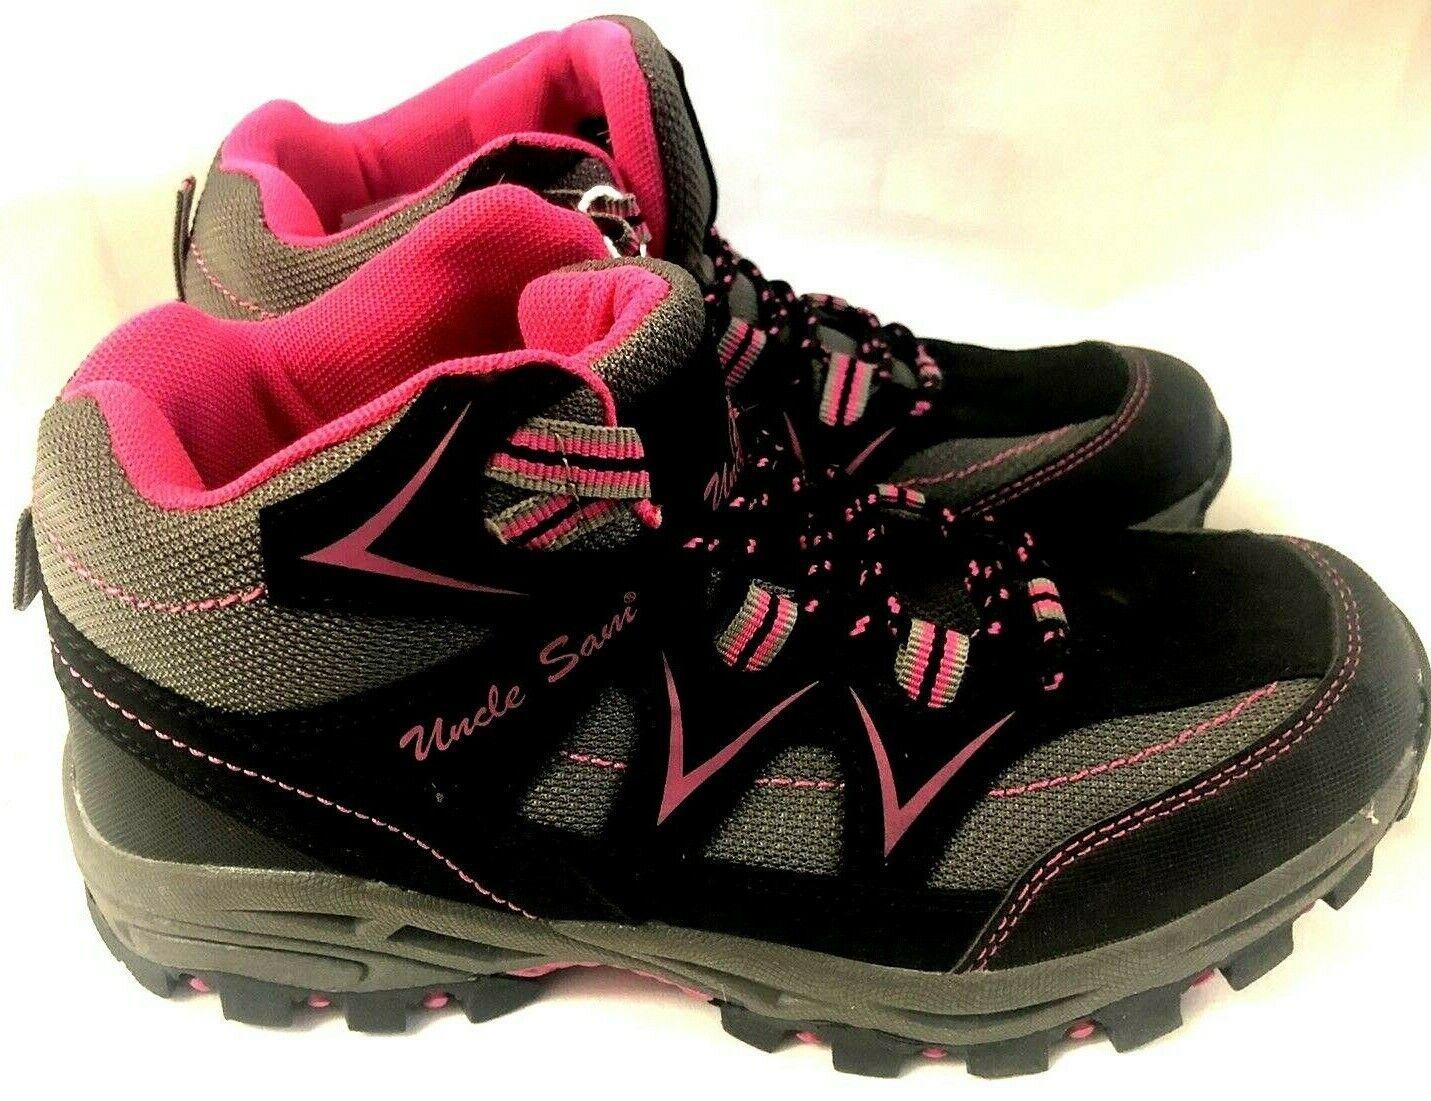 Outdoor Schuhe DAMEN  Boots Wanderschuhe STIEFEL UNCLE SAM